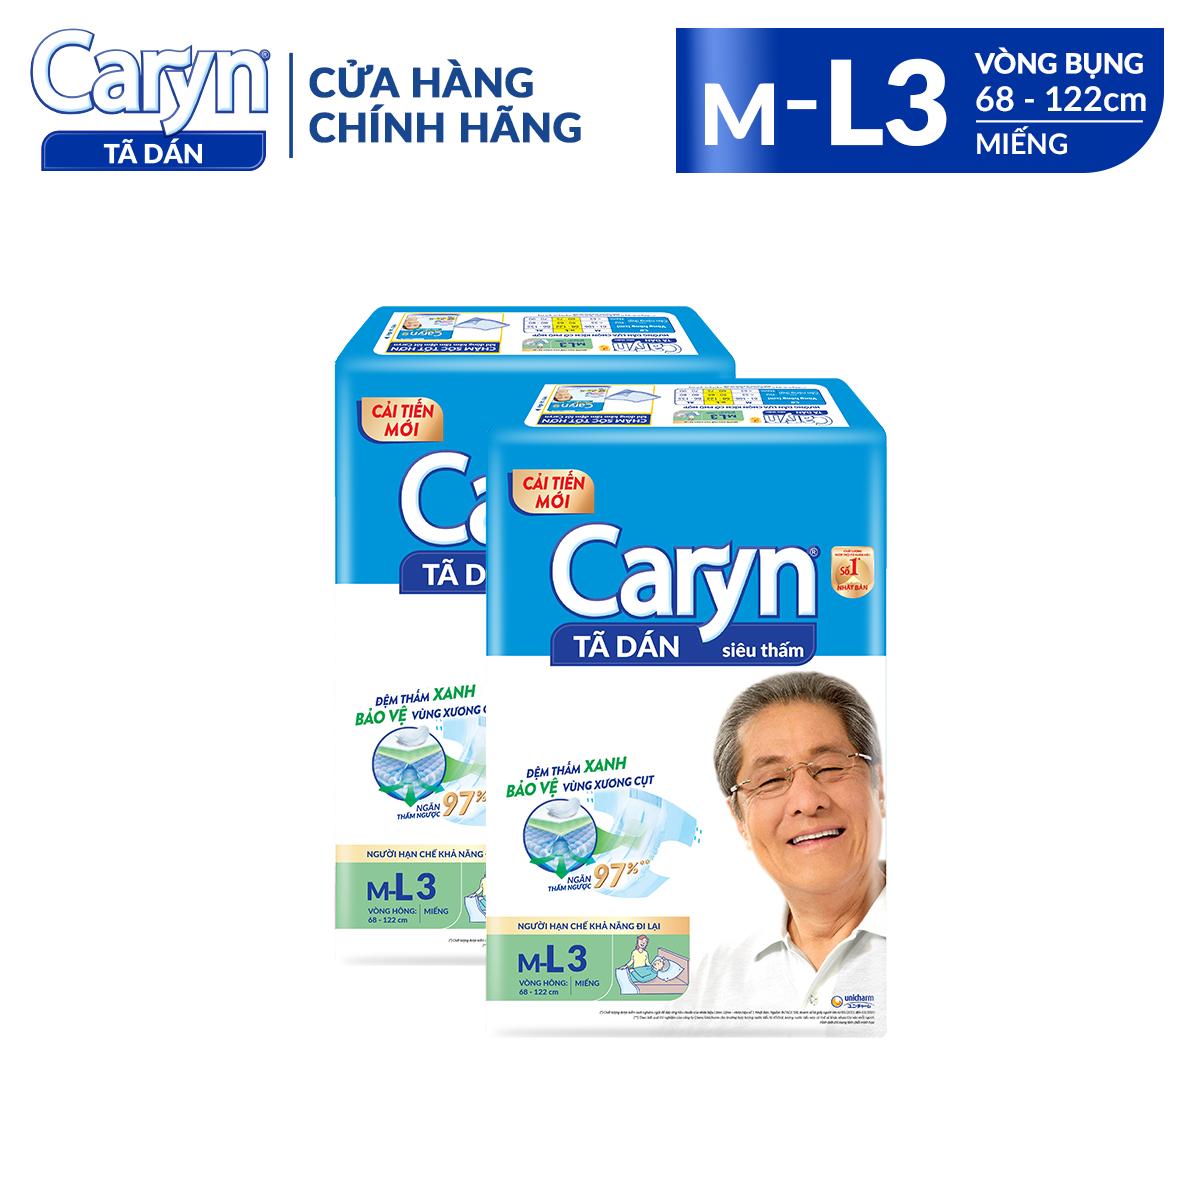 Tã Dán Caryn size ML 3 miếng – Phân loại: 1 gói/ 2 gói Dành Cho Người Hạn Chế Khả Năng Vận Động